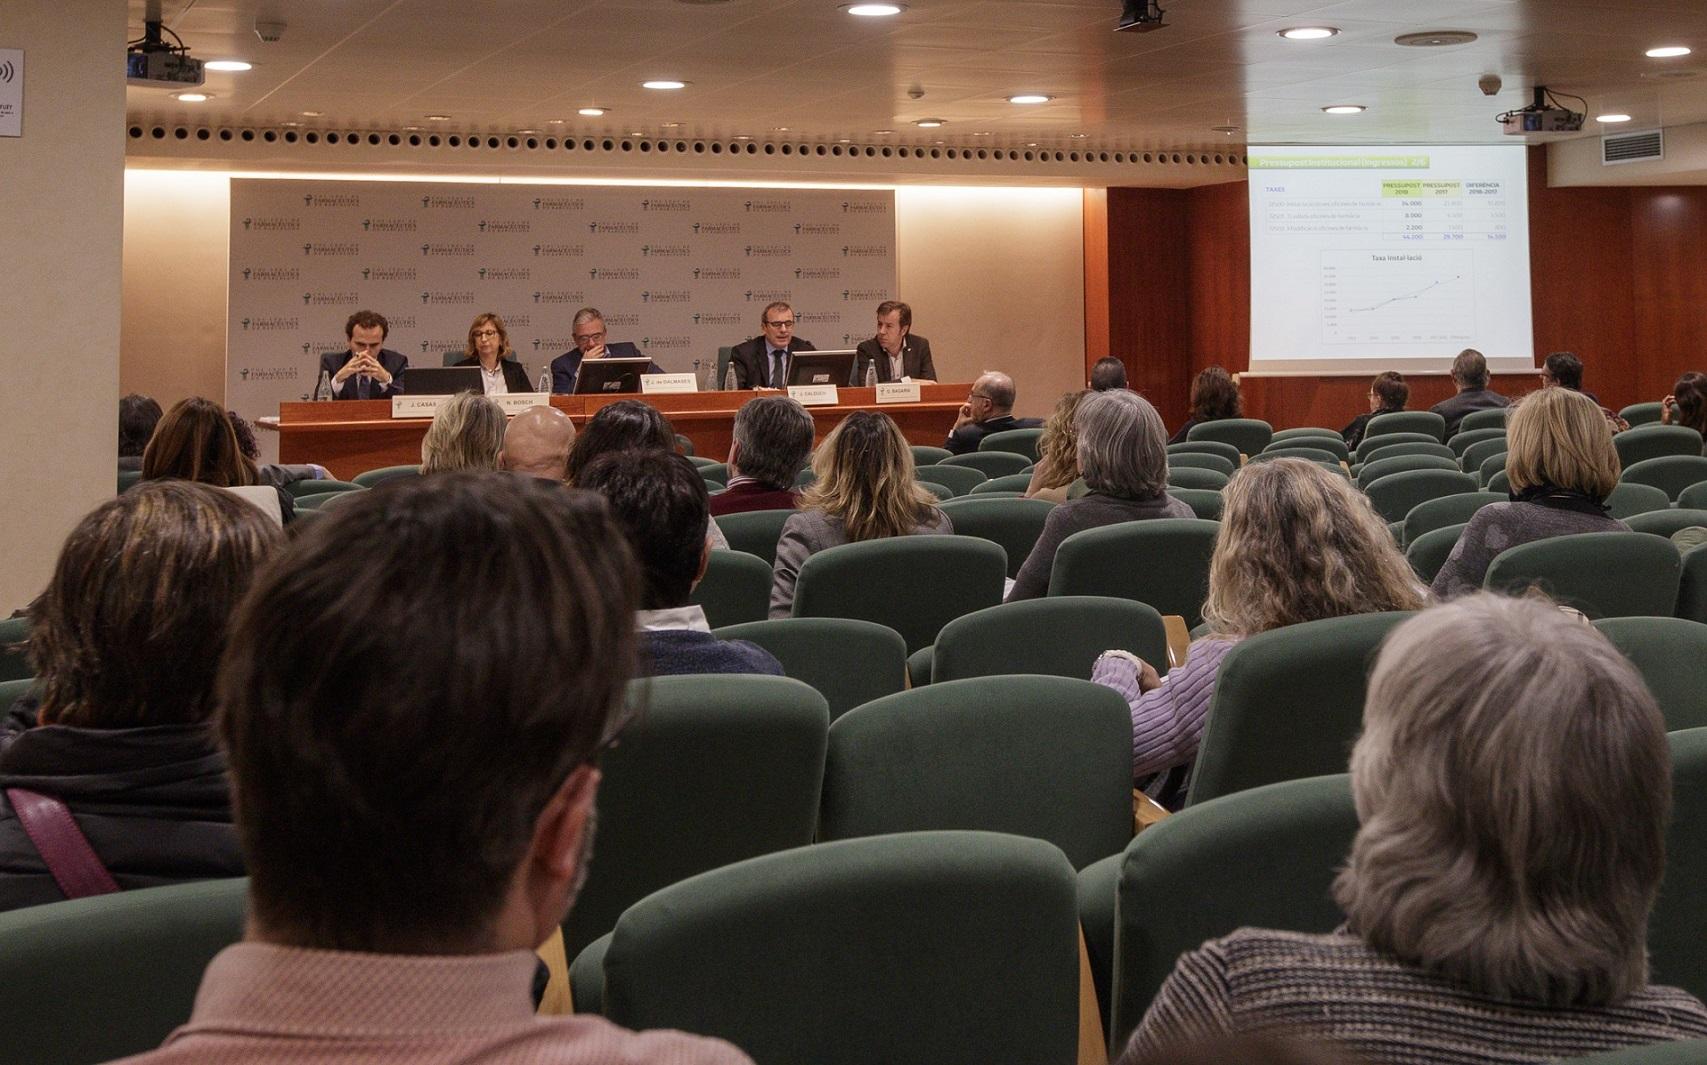 Un moment de la Junta General Ordinària celebrada a la Sala d'Actes del COFB